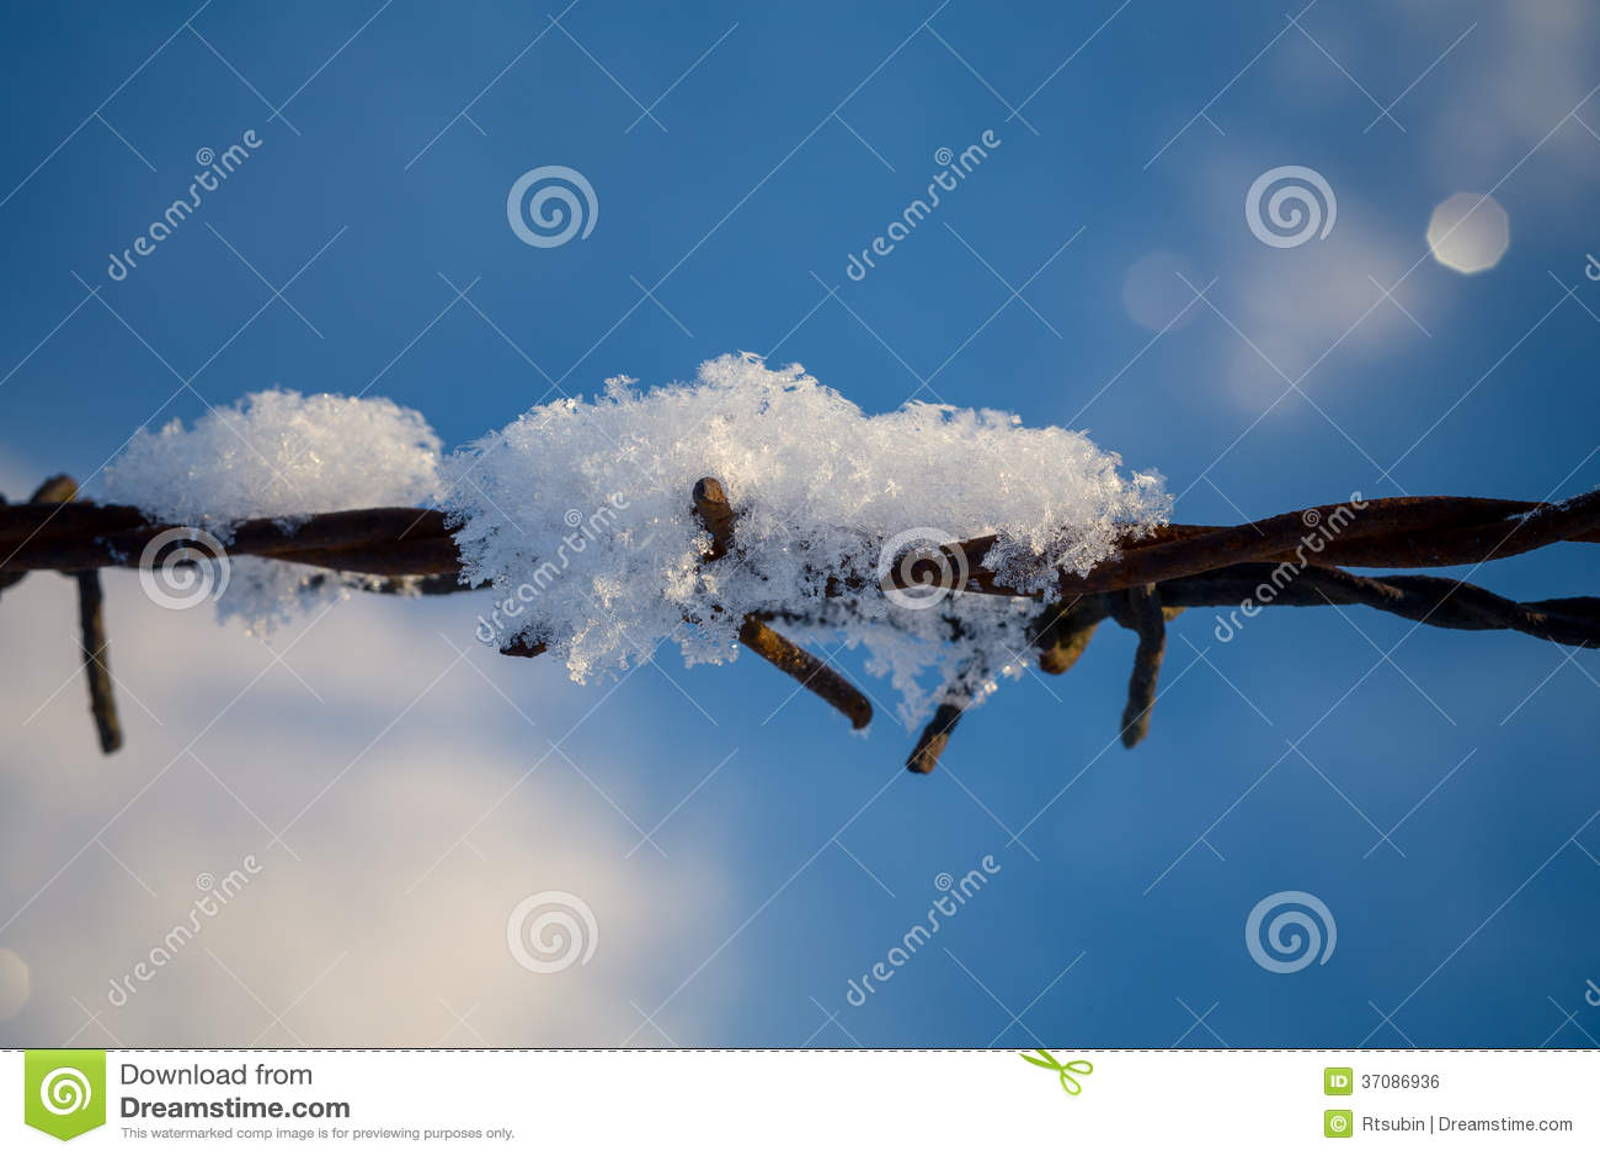 Download Drut Kolczasty W śnieżnych łąkach Zdjęcie Stock - Obraz złożonej z zimno, fielder: 37086936